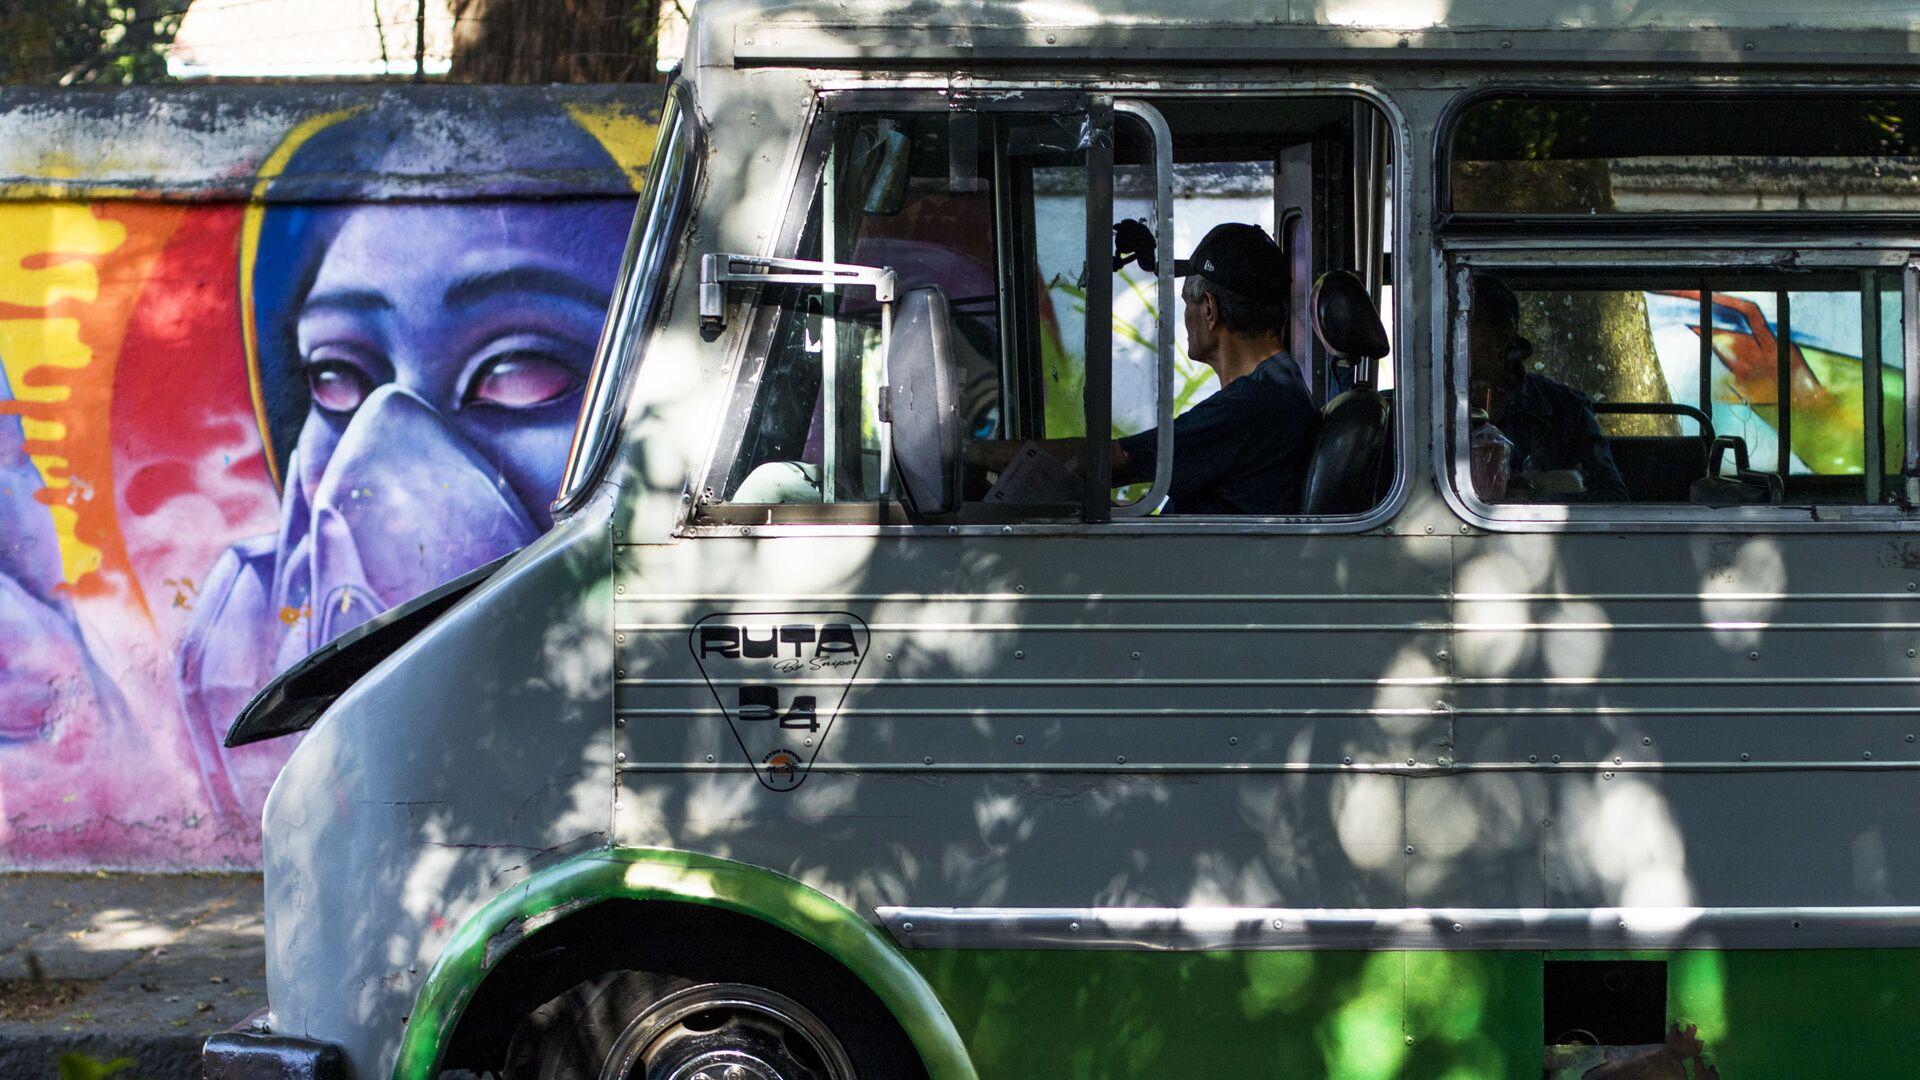 Un autobus en la Ciudad de México (imagen referencial) - Sputnik Mundo, 1920, 26.08.2021